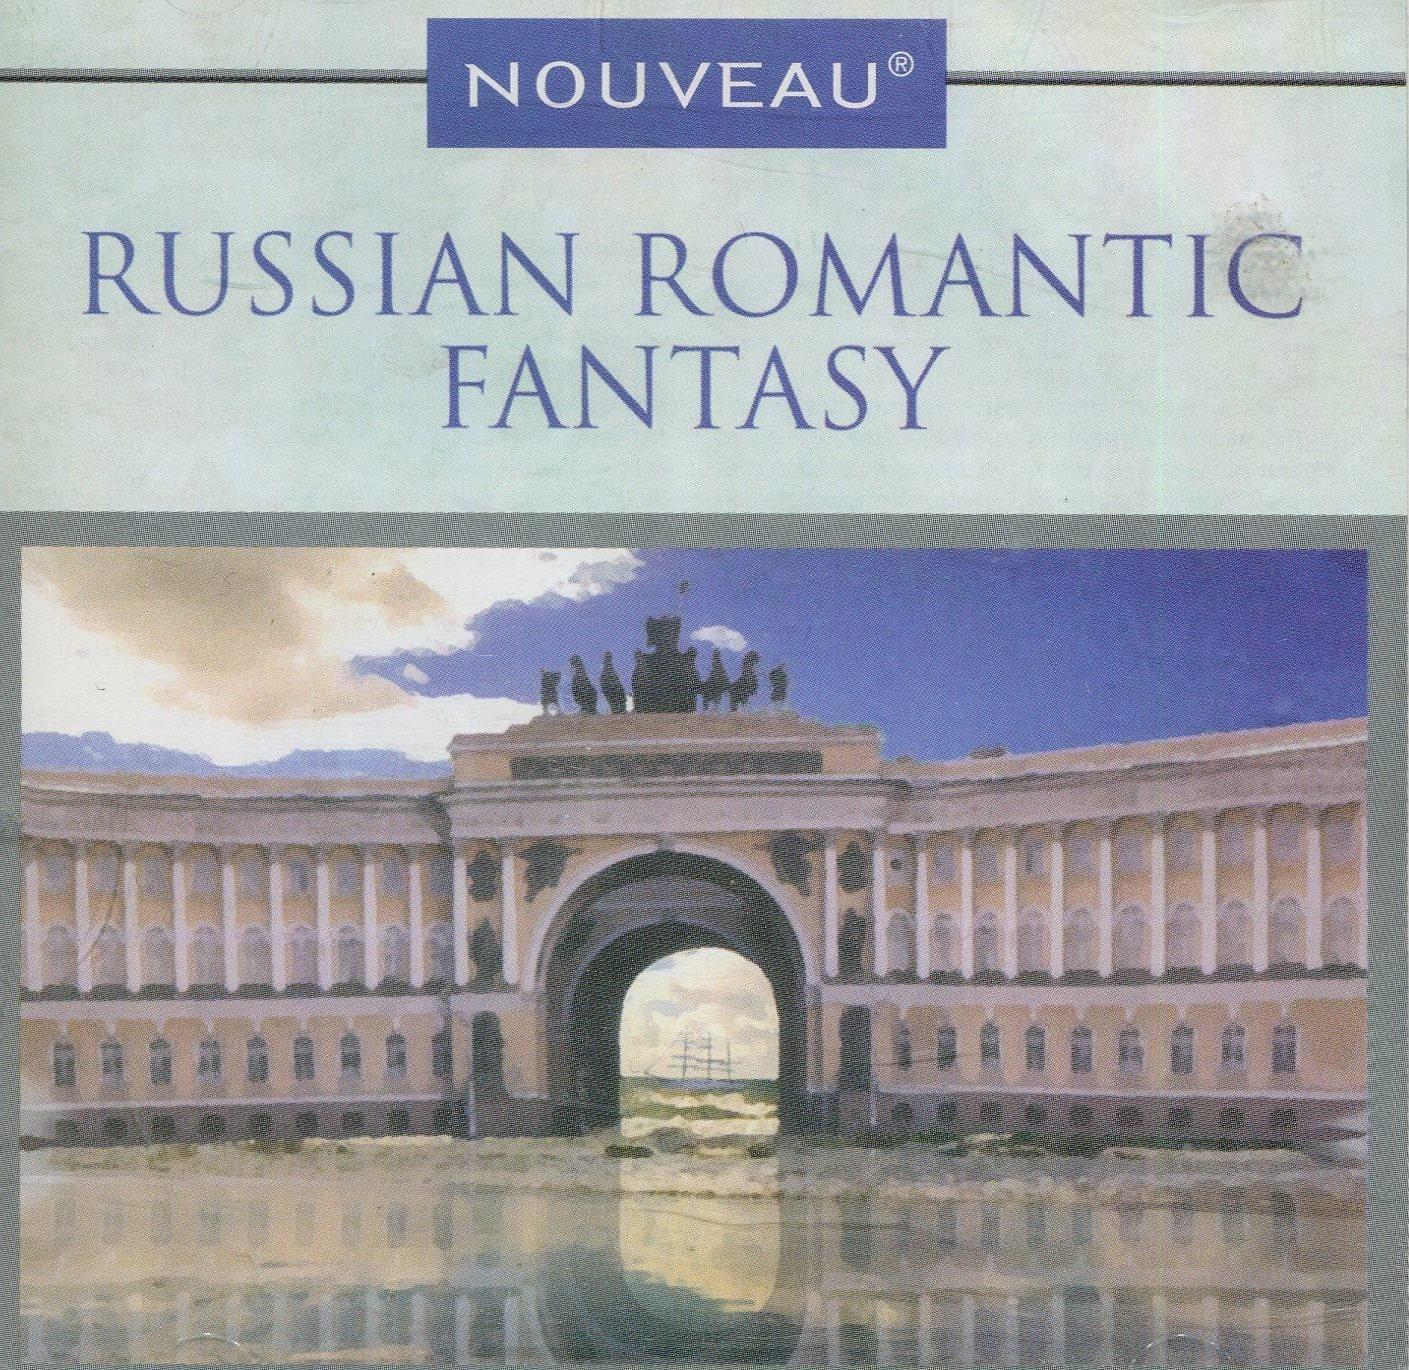 Russian Romantic Fantasy by Nouveau (K-Tel)